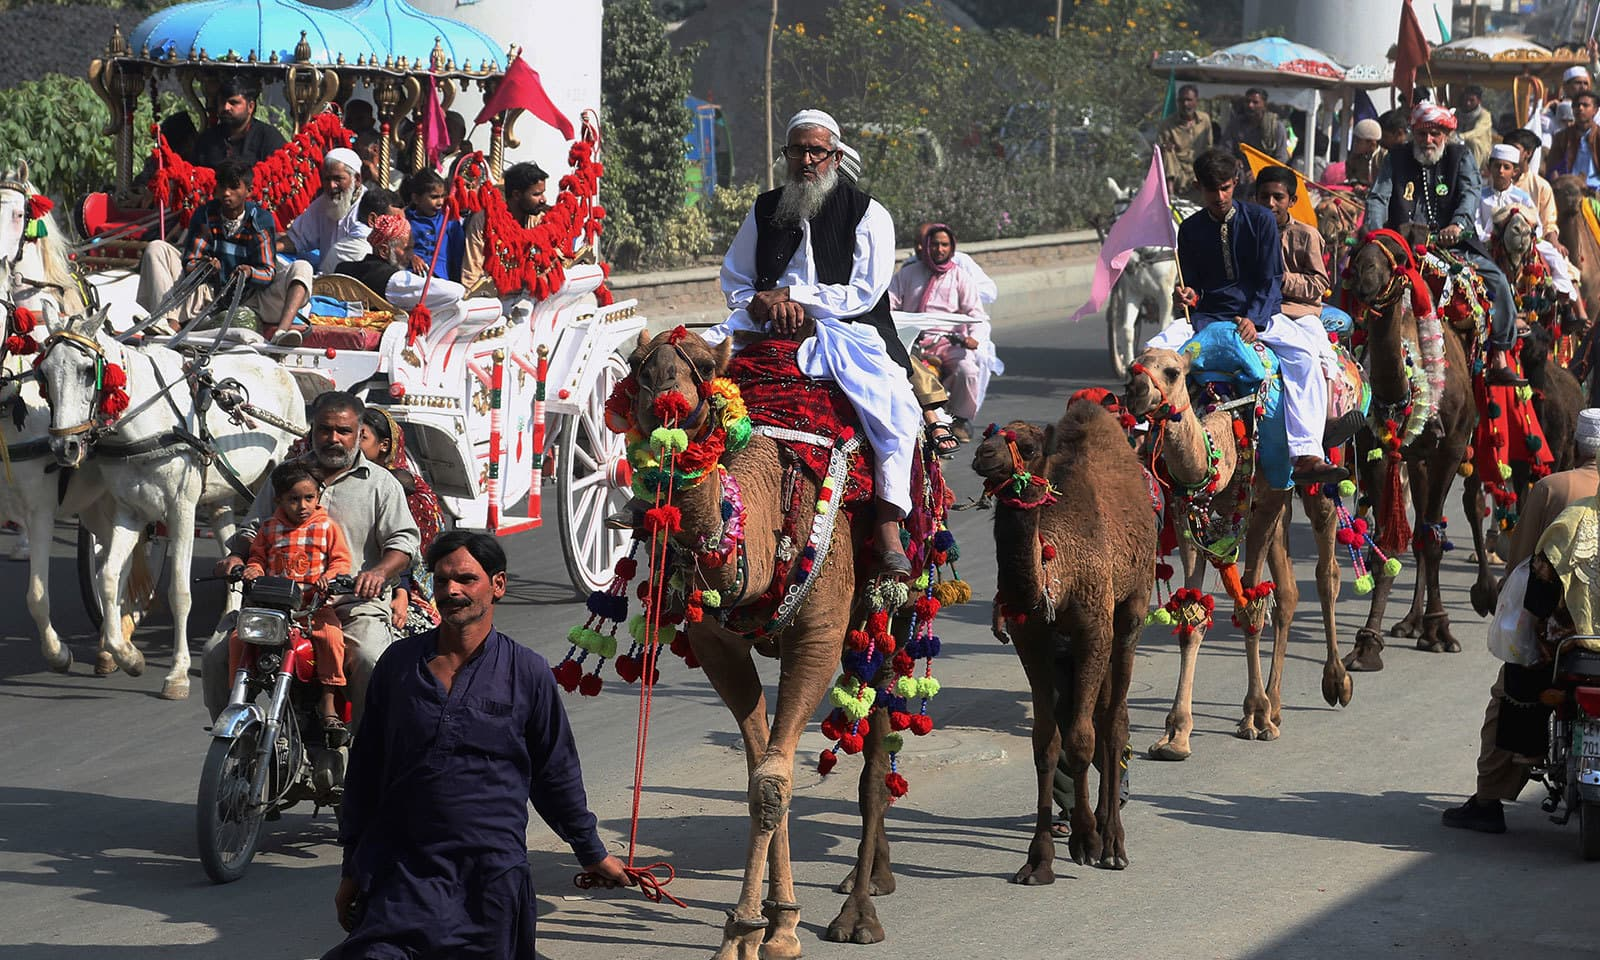 عید میلاد النبی کے موقع پر ملک بھر میں جلوس نکالے گئے—فوٹو:اے پی